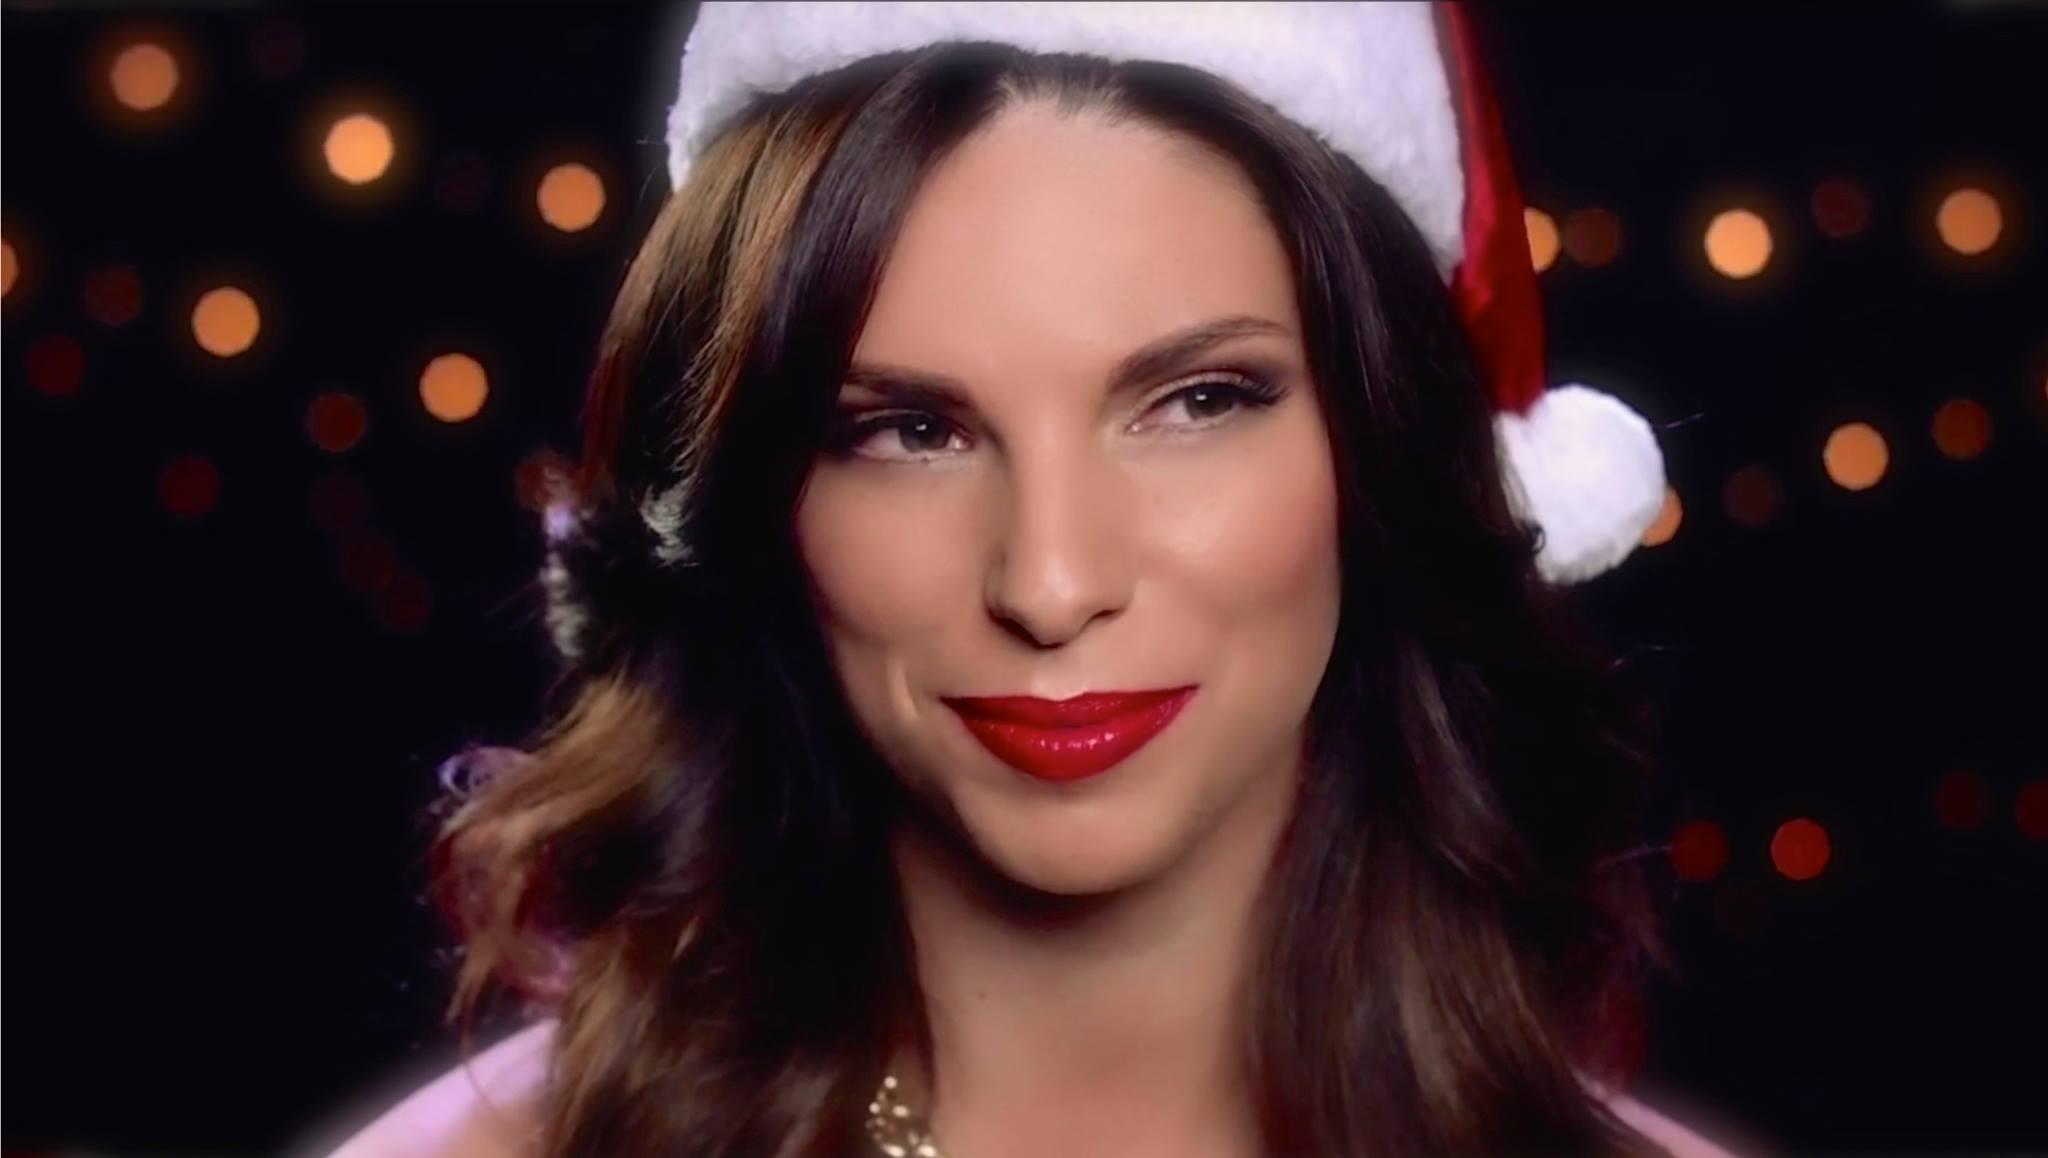 Kristina Vukas - 2014 - Santa Baby (Promo)